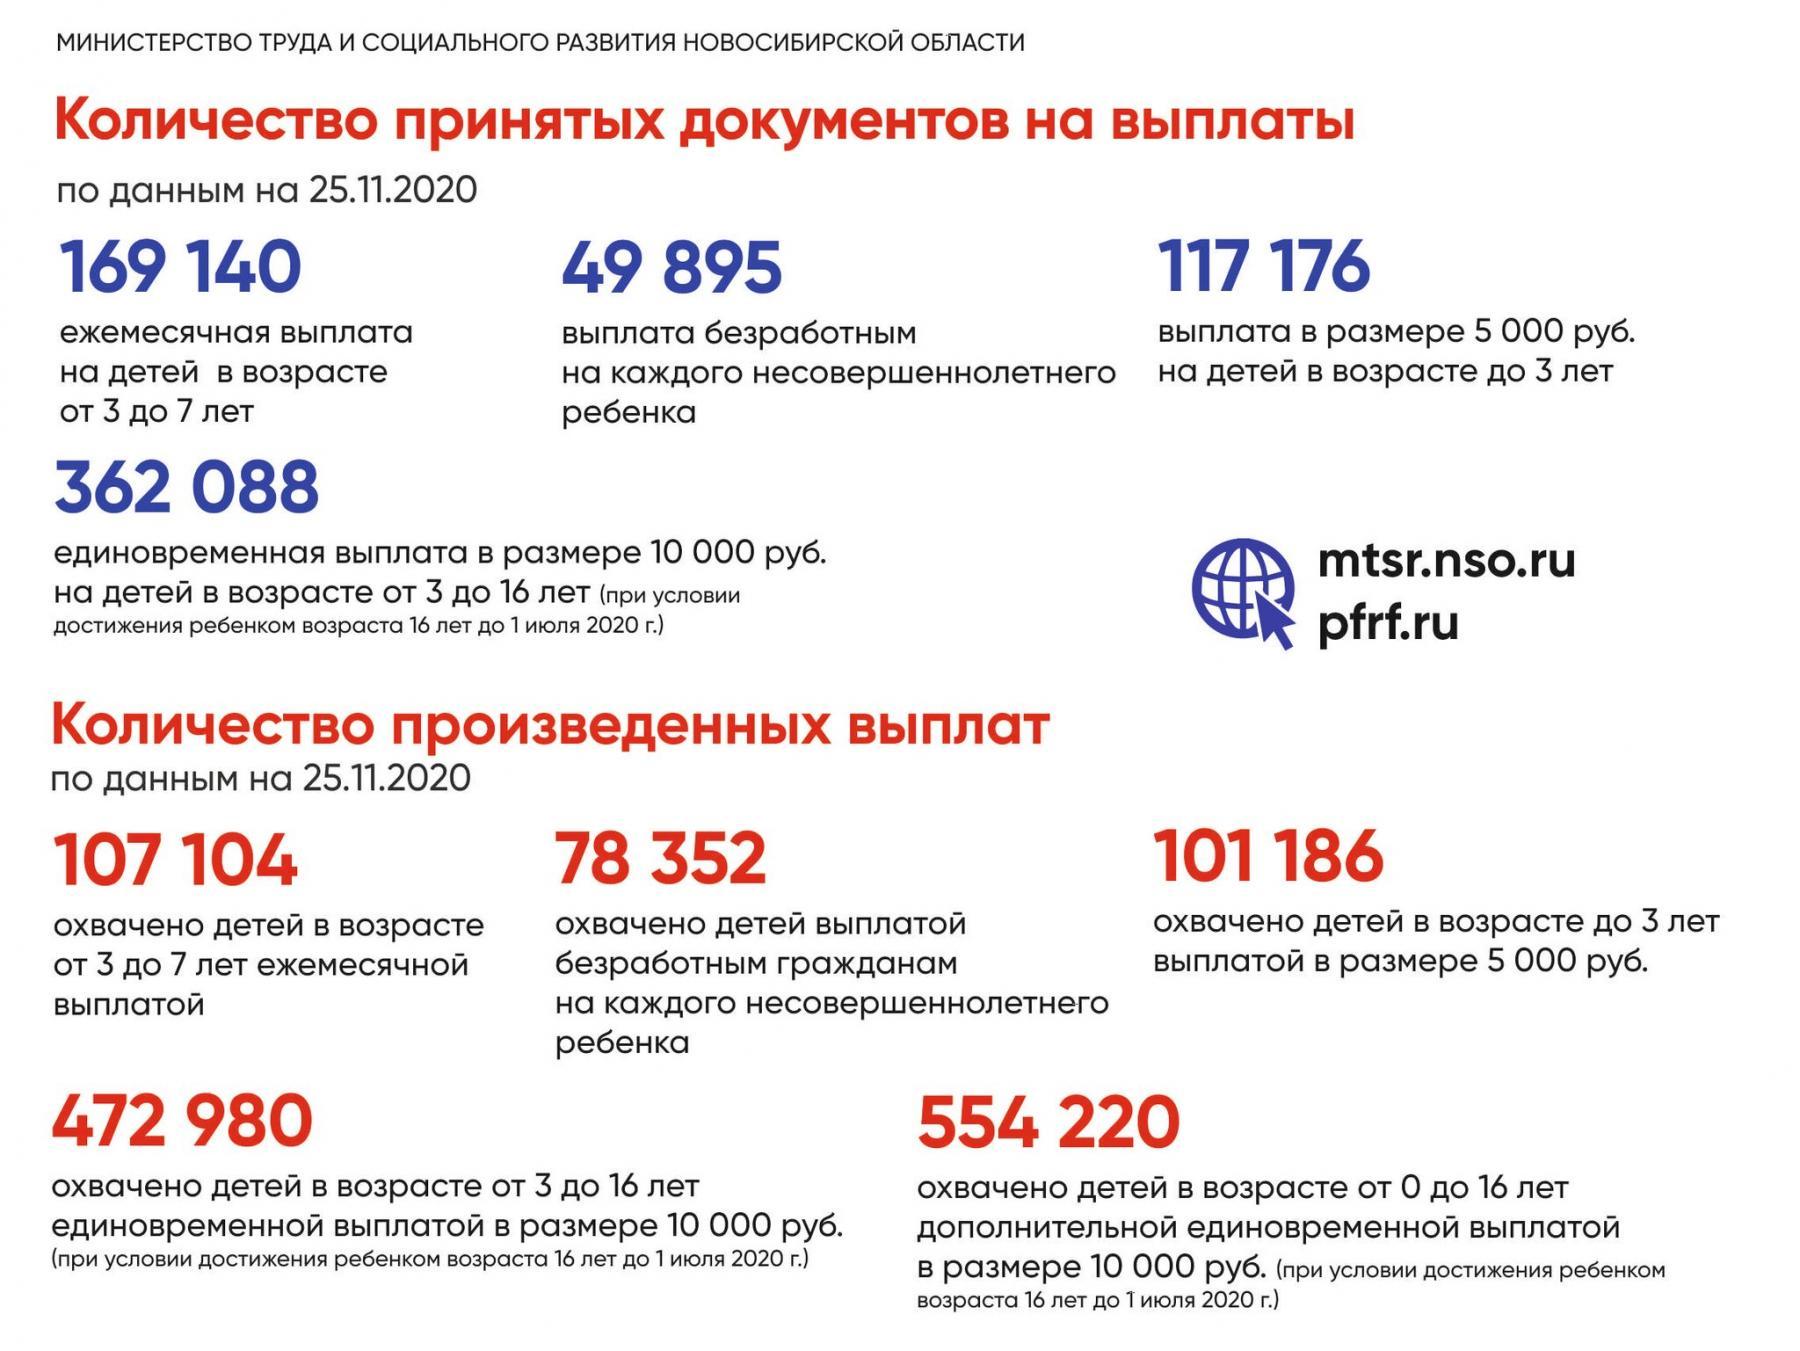 Фото Выплаты и пособия в Новосибирской области: помощь семьям во время пандемии в одной картинке 2